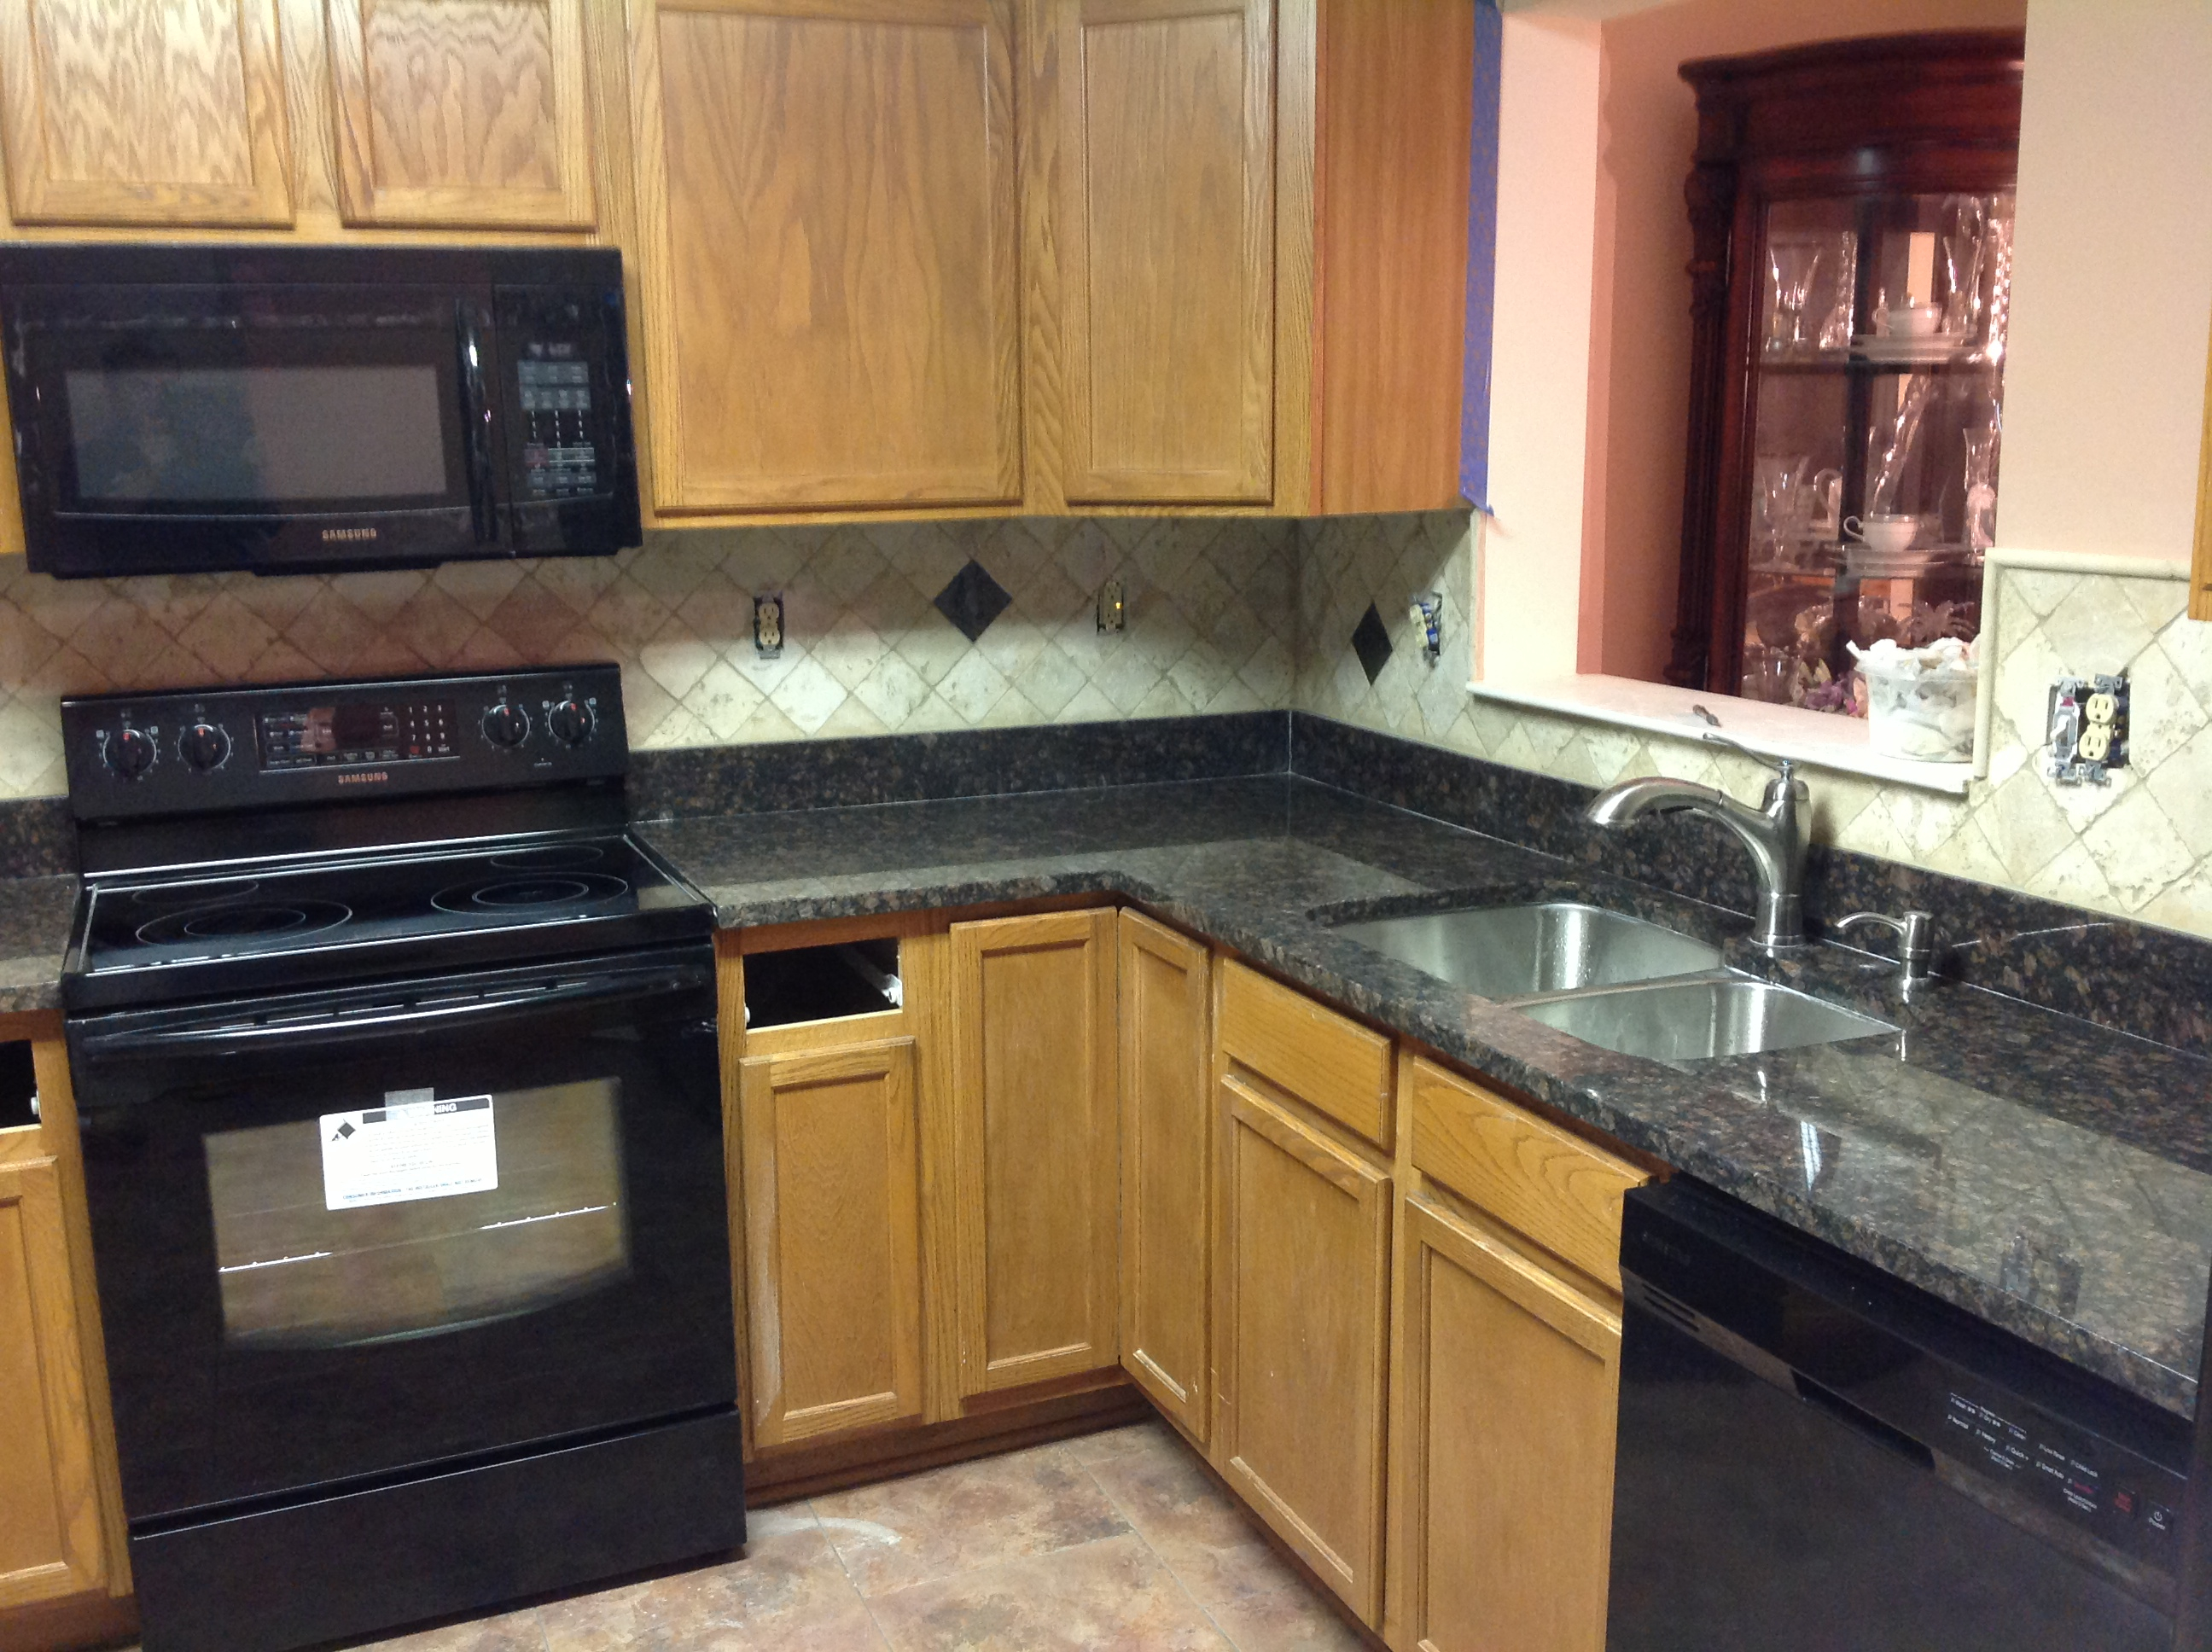 granite kitchen countertops pics photo - 7